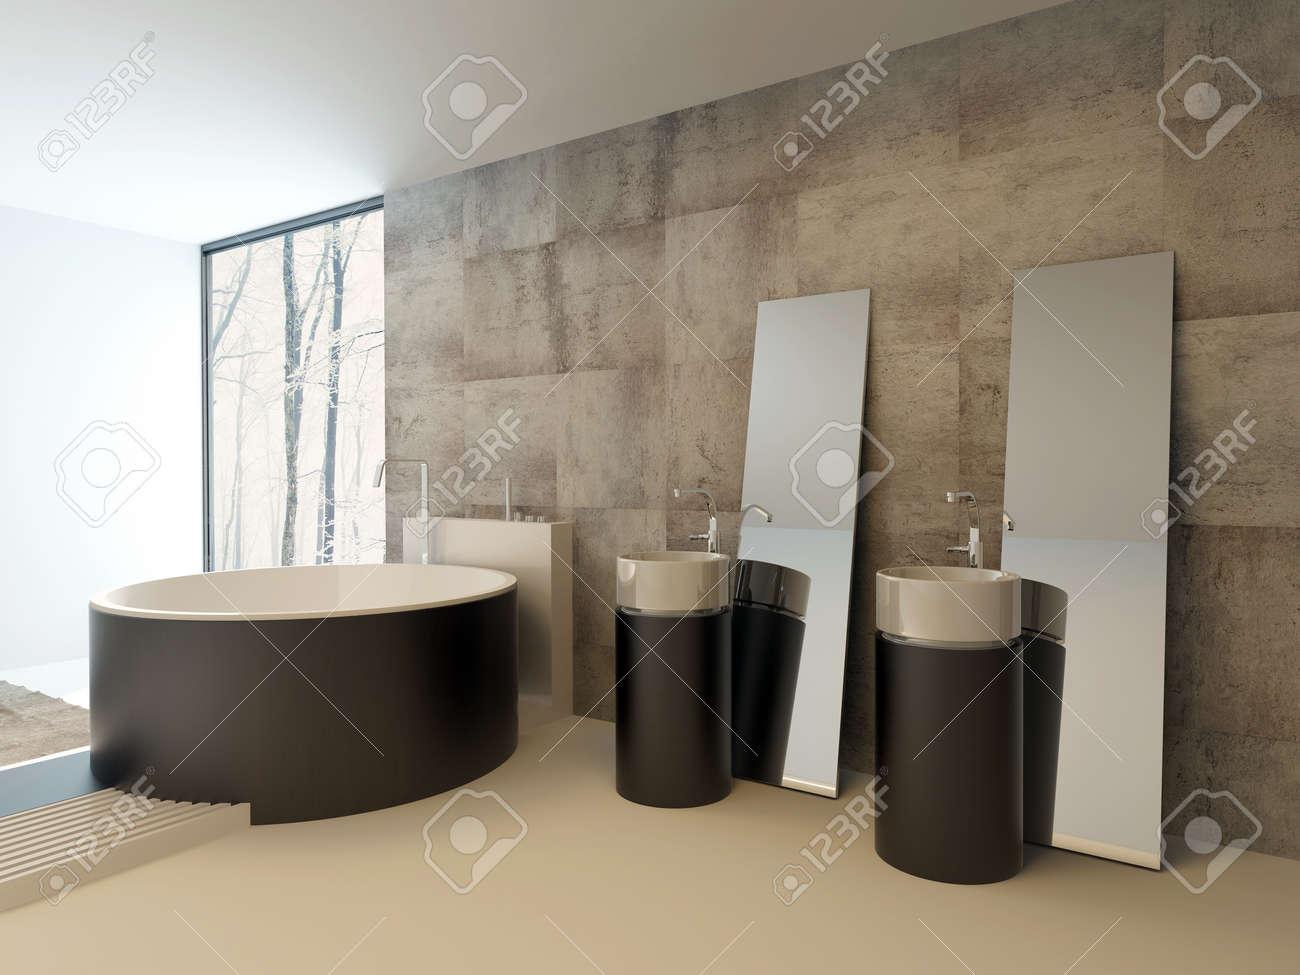 upmarket bagno moderno interni in marrone e beige con una vasca ... - Bagni Moderni Beige E Marrone